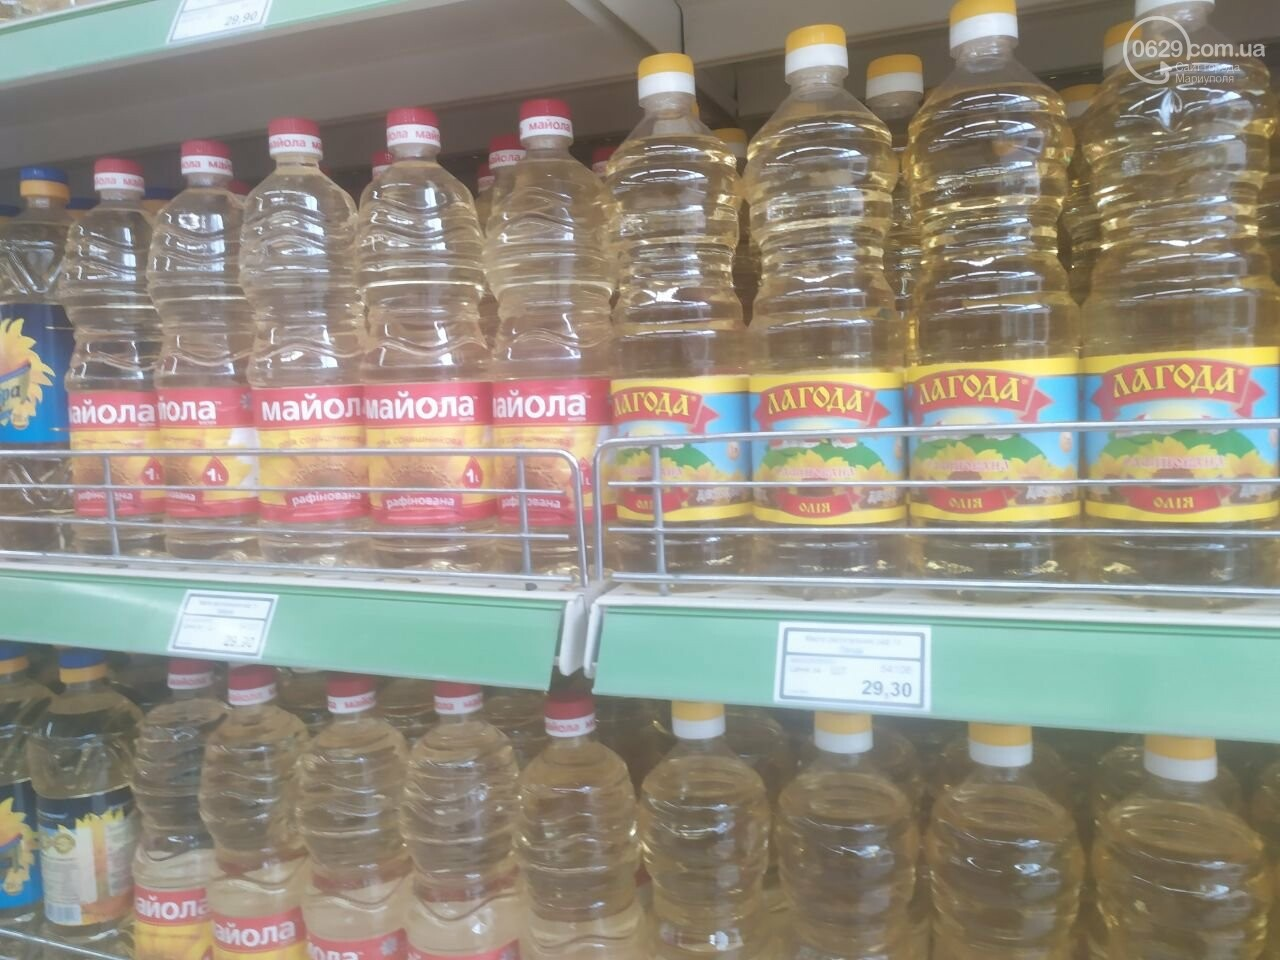 Как коронавирус изменил цены на продукты в Мариуполе, - ФОТО, фото-11